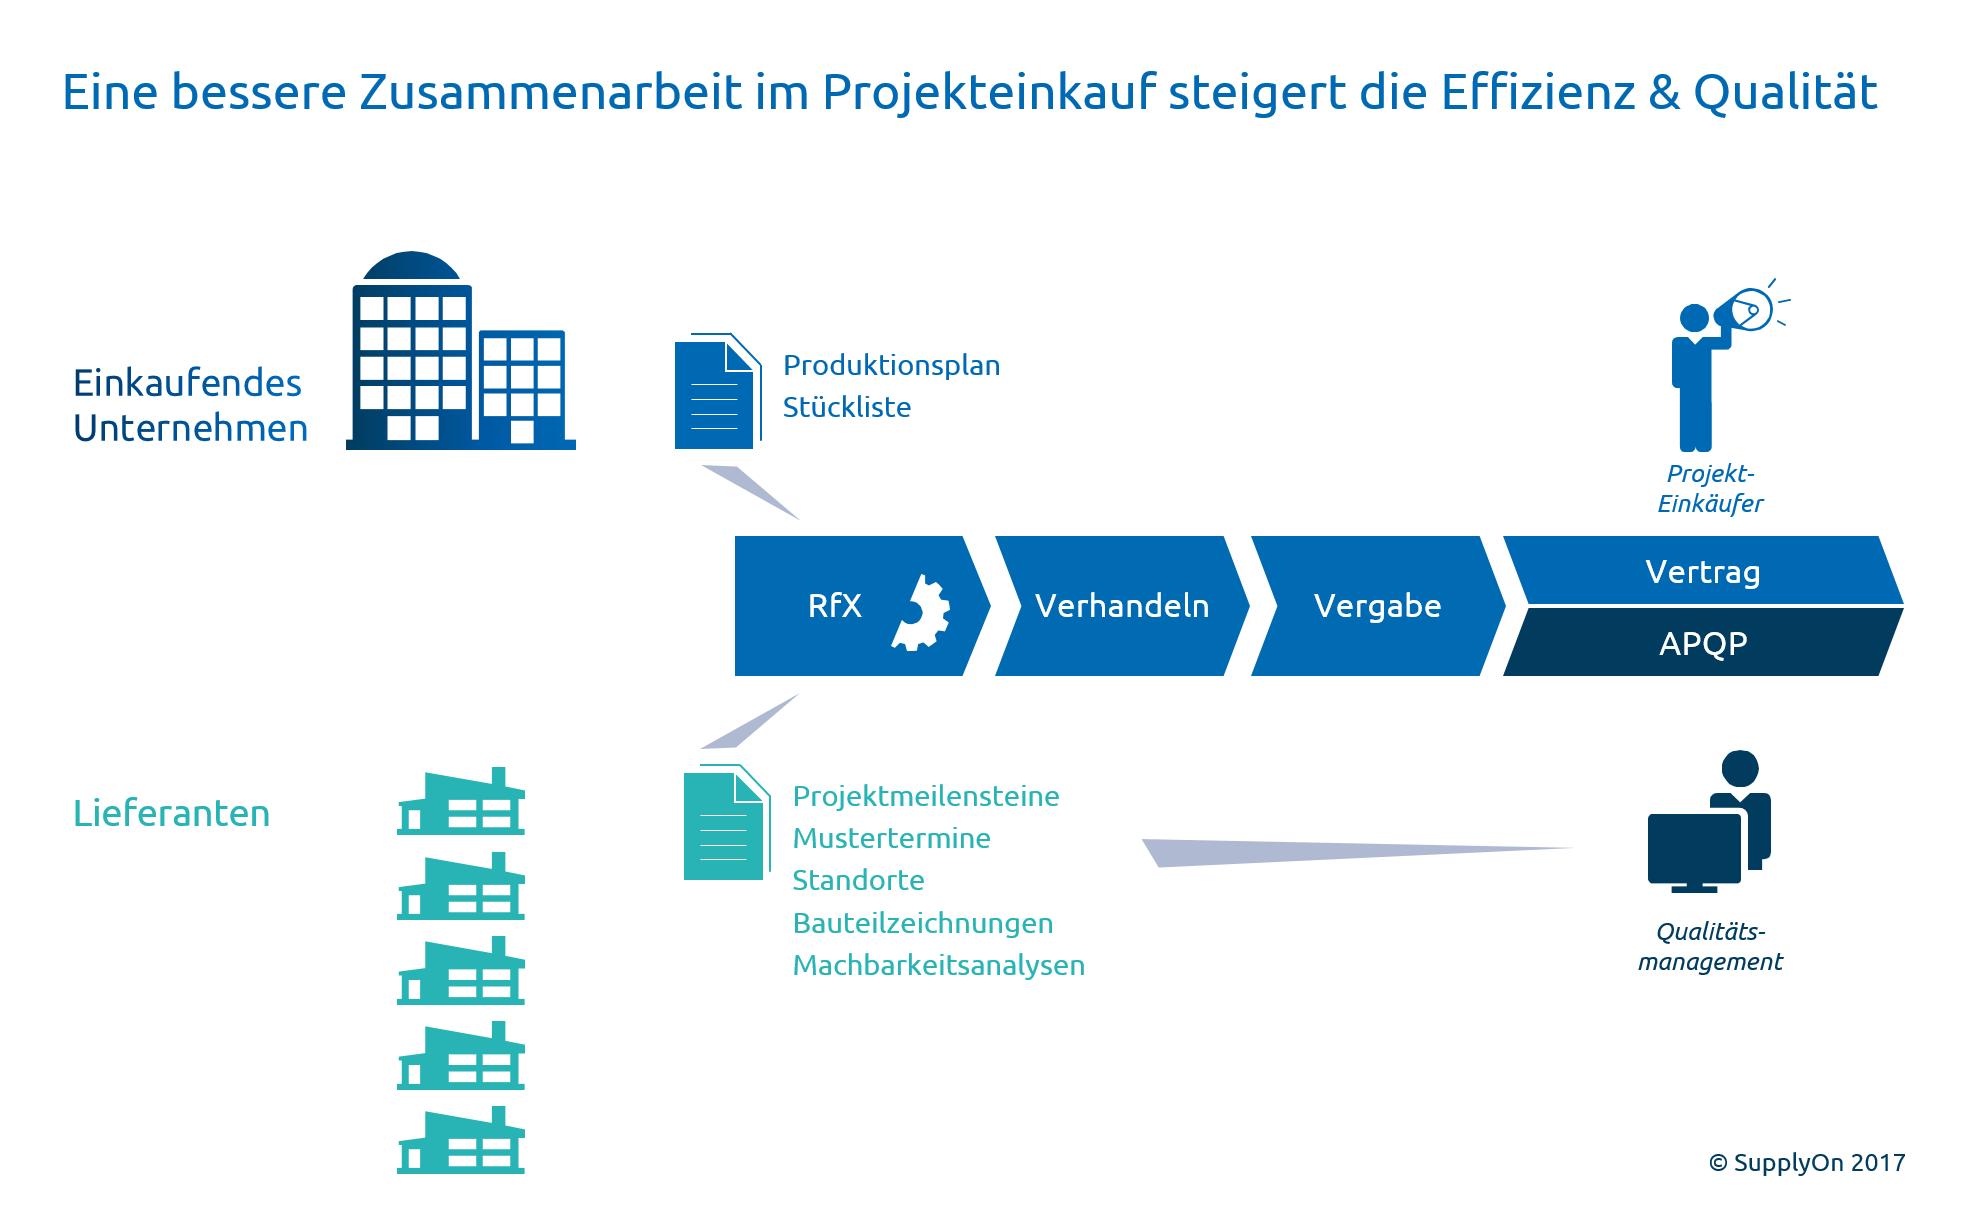 Im Projekteinkauf zahlt sich eine enge Zusammenarbeit mit dem Qualitätsmanagement aus